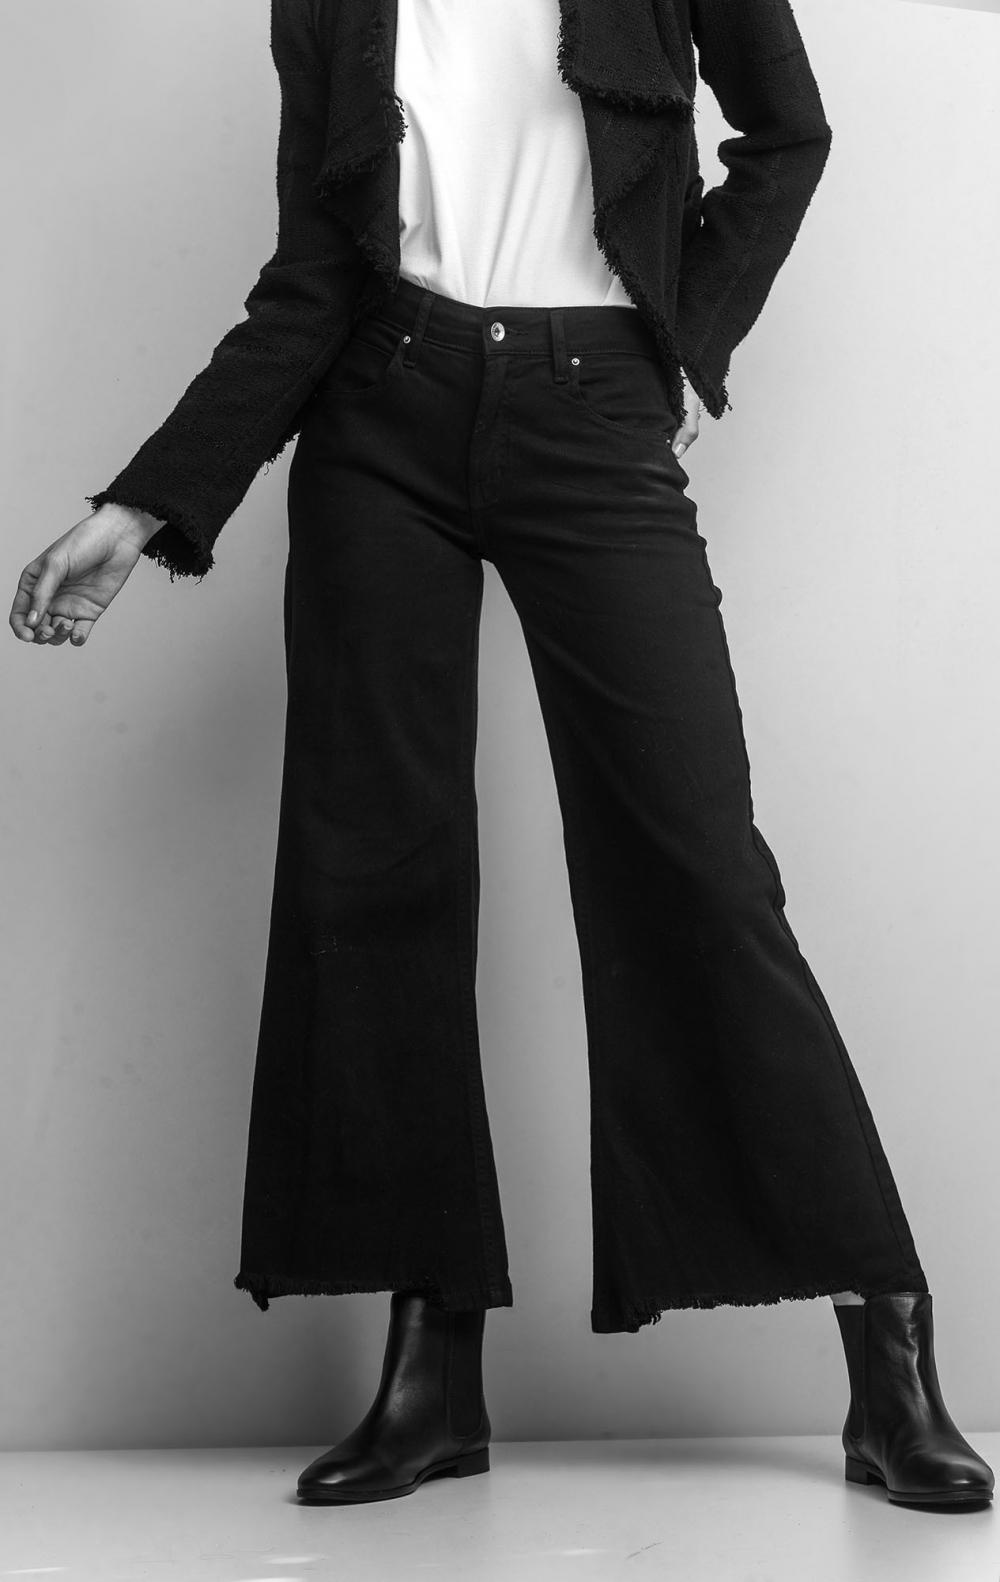 Calça Jeans CB Preta - Foto 2